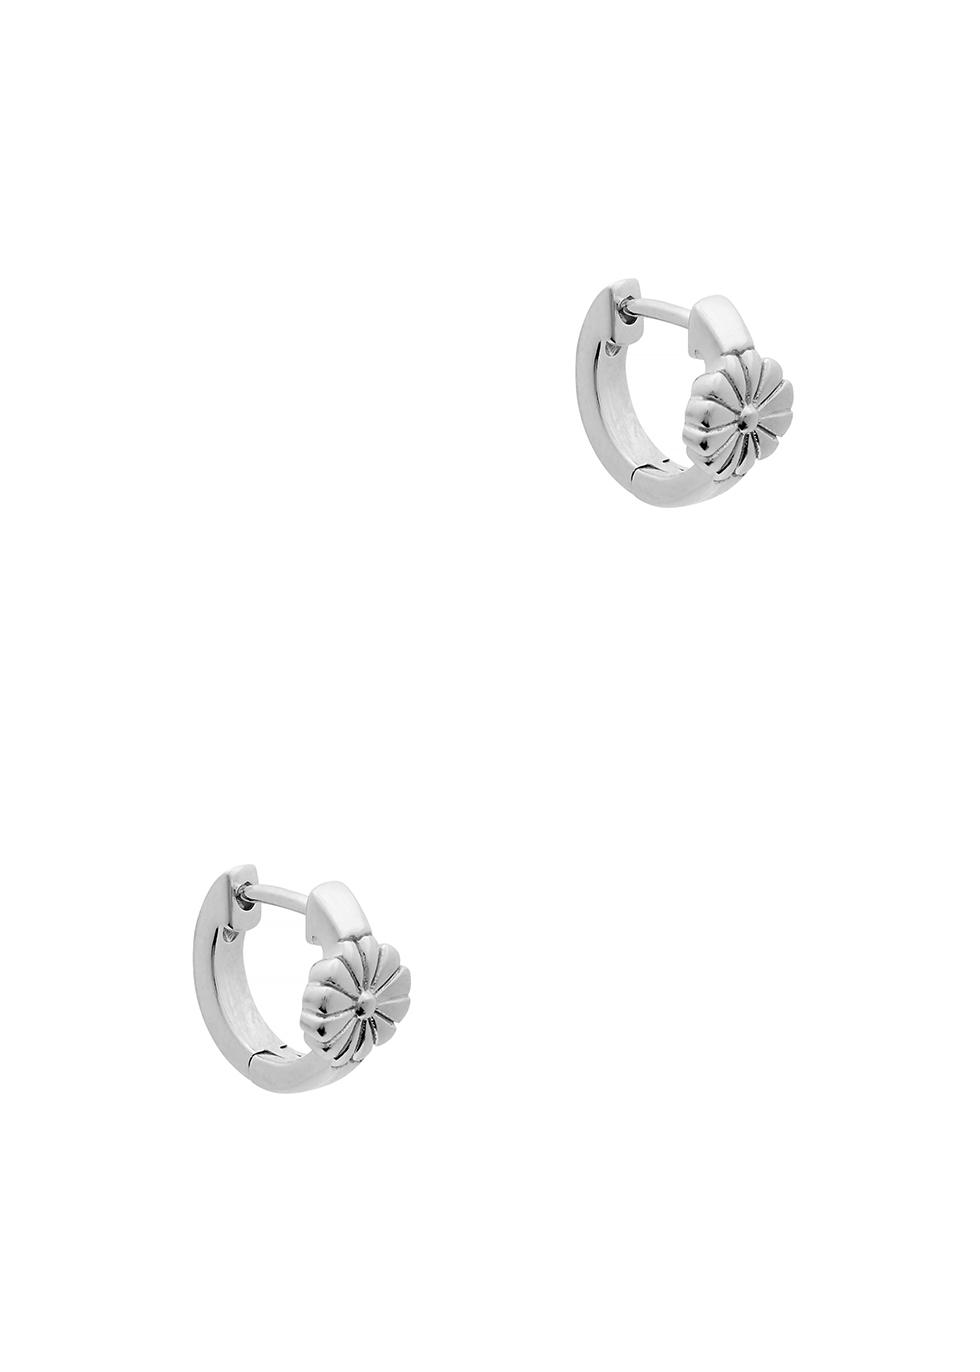 Daisy sterling silver drop earrings